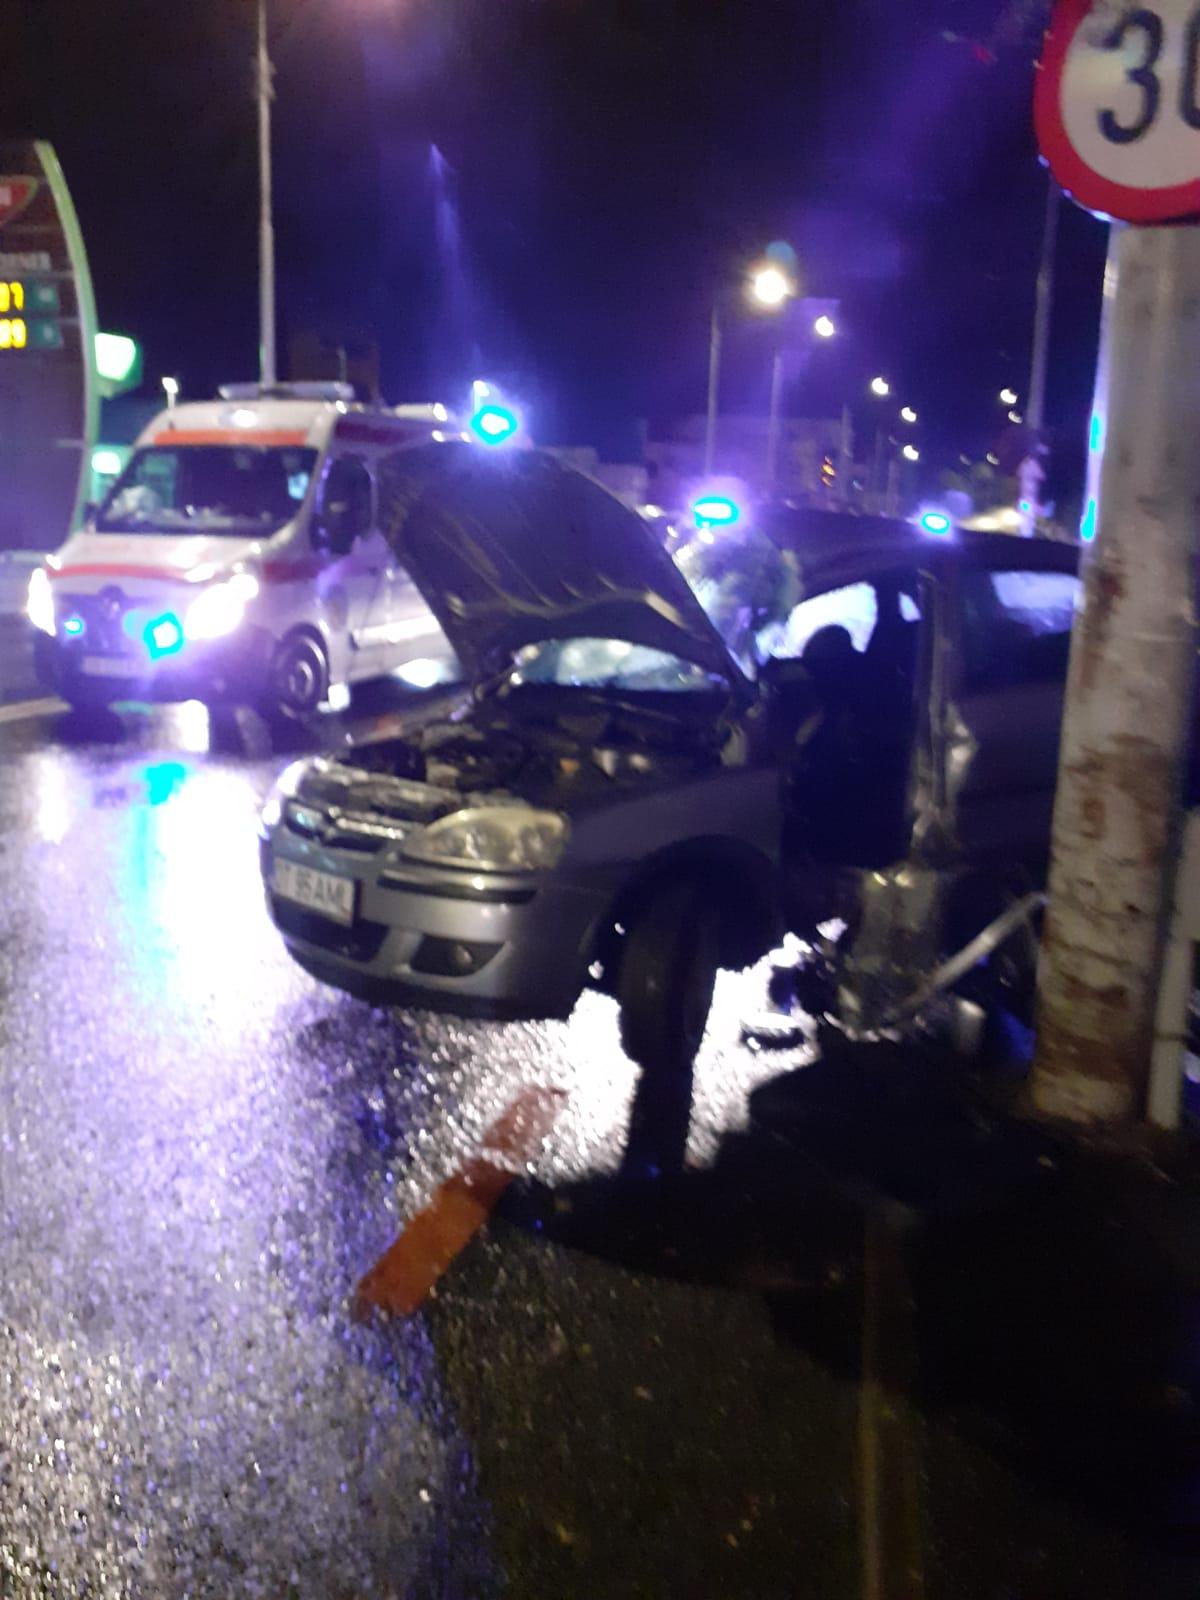 Un șofer s-a oprit cu mașina în stâlp, la intersecția străzilor Alba Iulia cu Vasile Cârlova